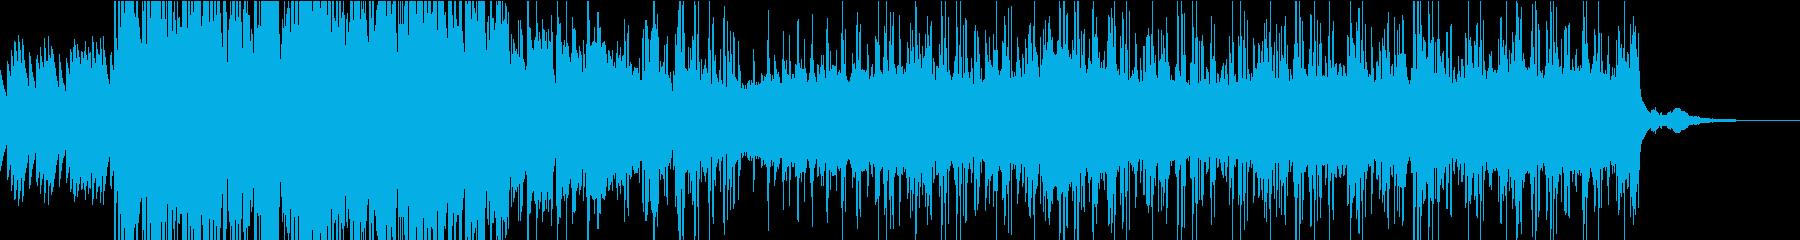 少しテンポの速い打ち込み曲の再生済みの波形